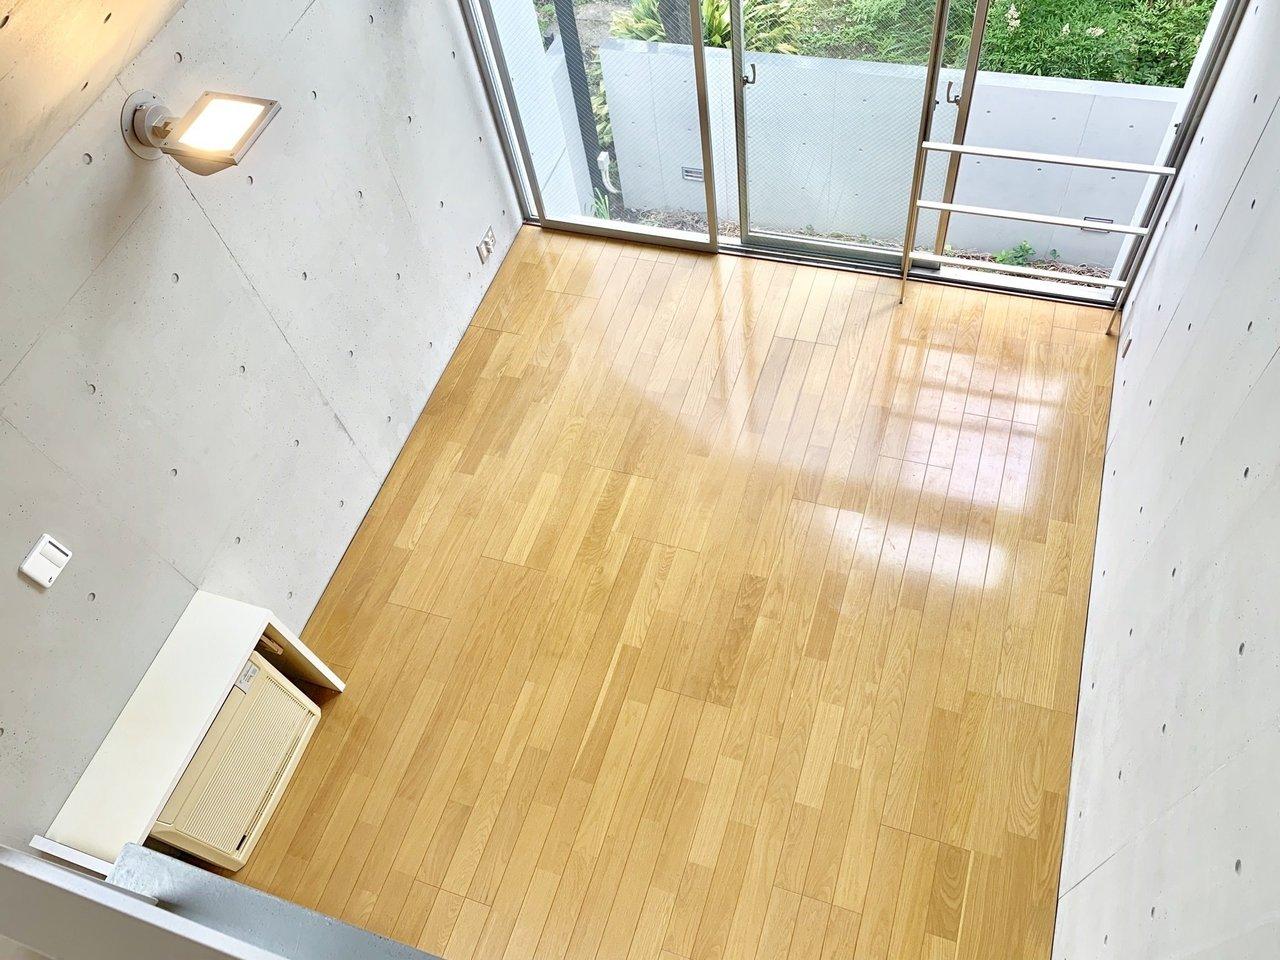 見下ろすとこんな感じ。ダイニングテーブルを緑いっぱいの窓のそばに置こうか、ソファを置こうか……。想像は広がります。